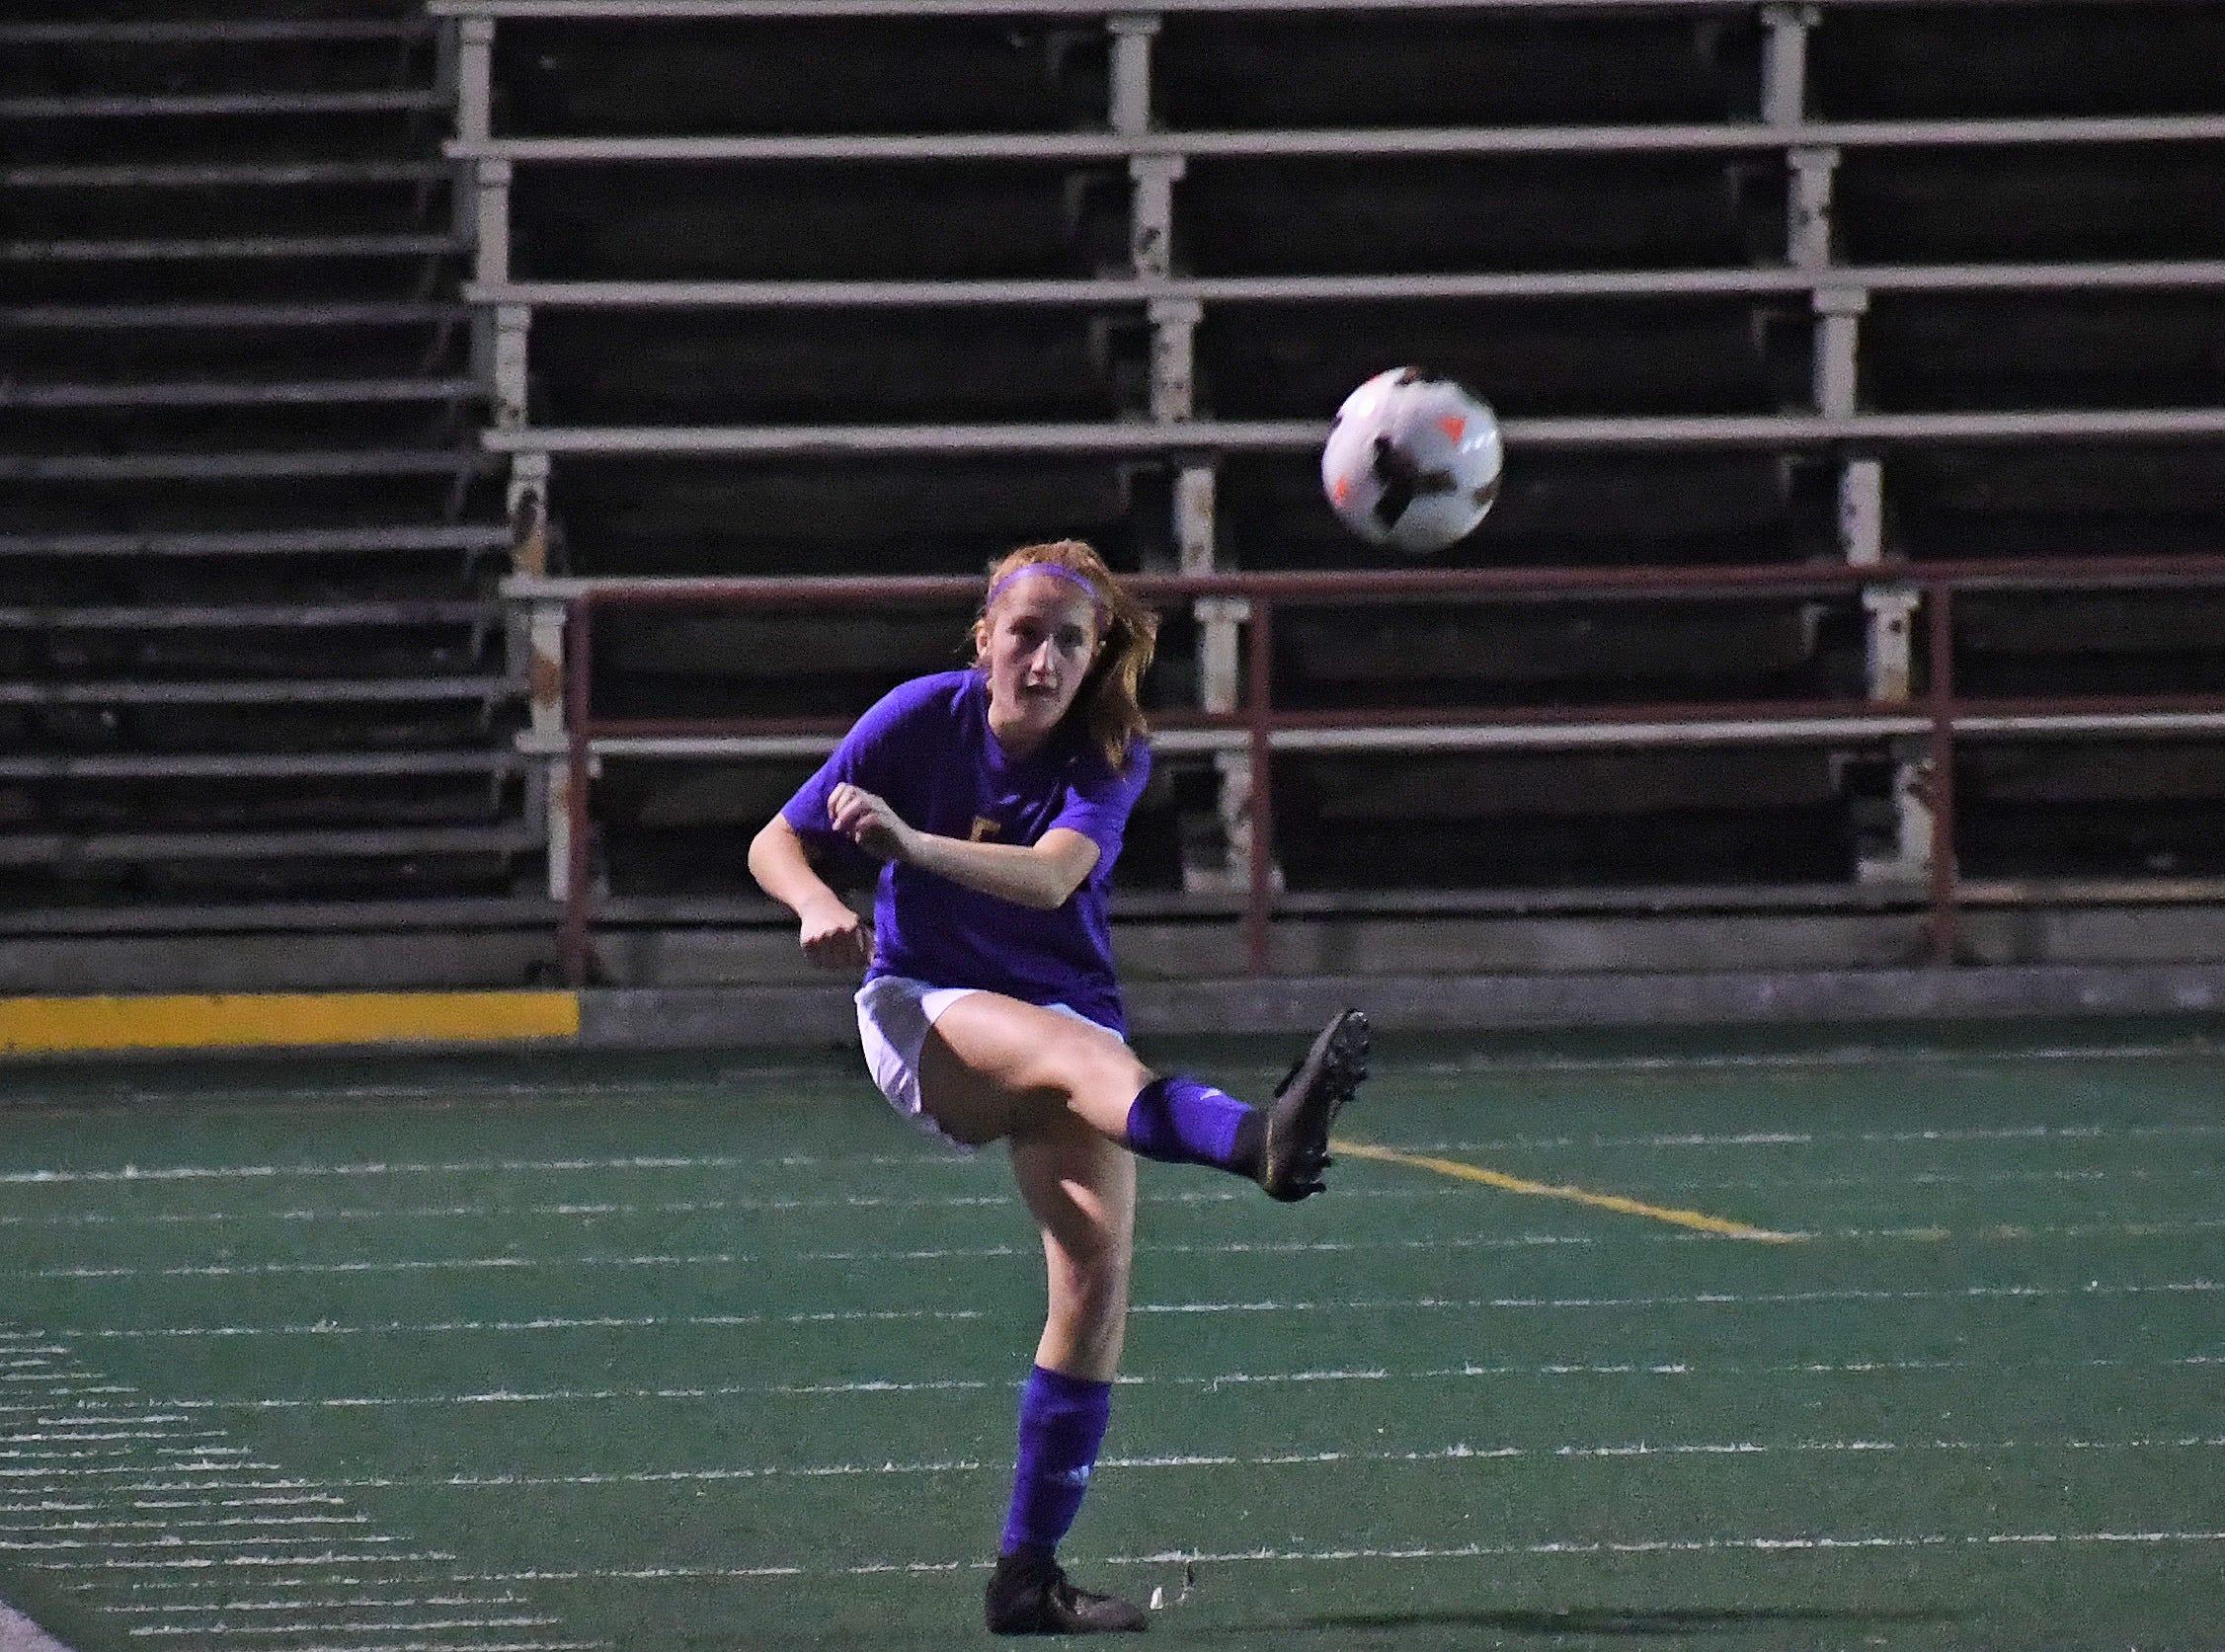 Sophomore Isabella Richert (5) fires a pass downfield.